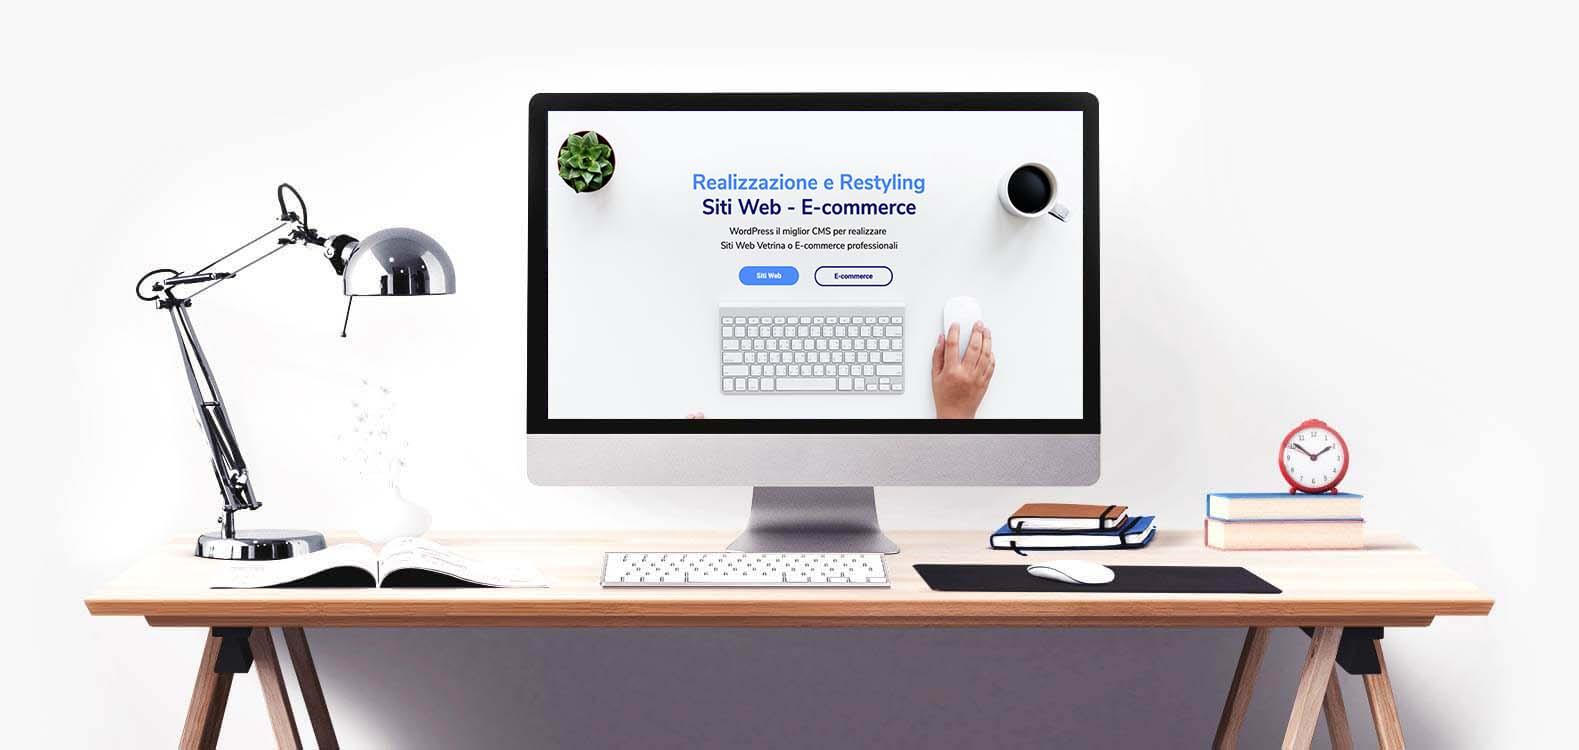 Creazione e Realizzazione Siti Web ed E-commerce